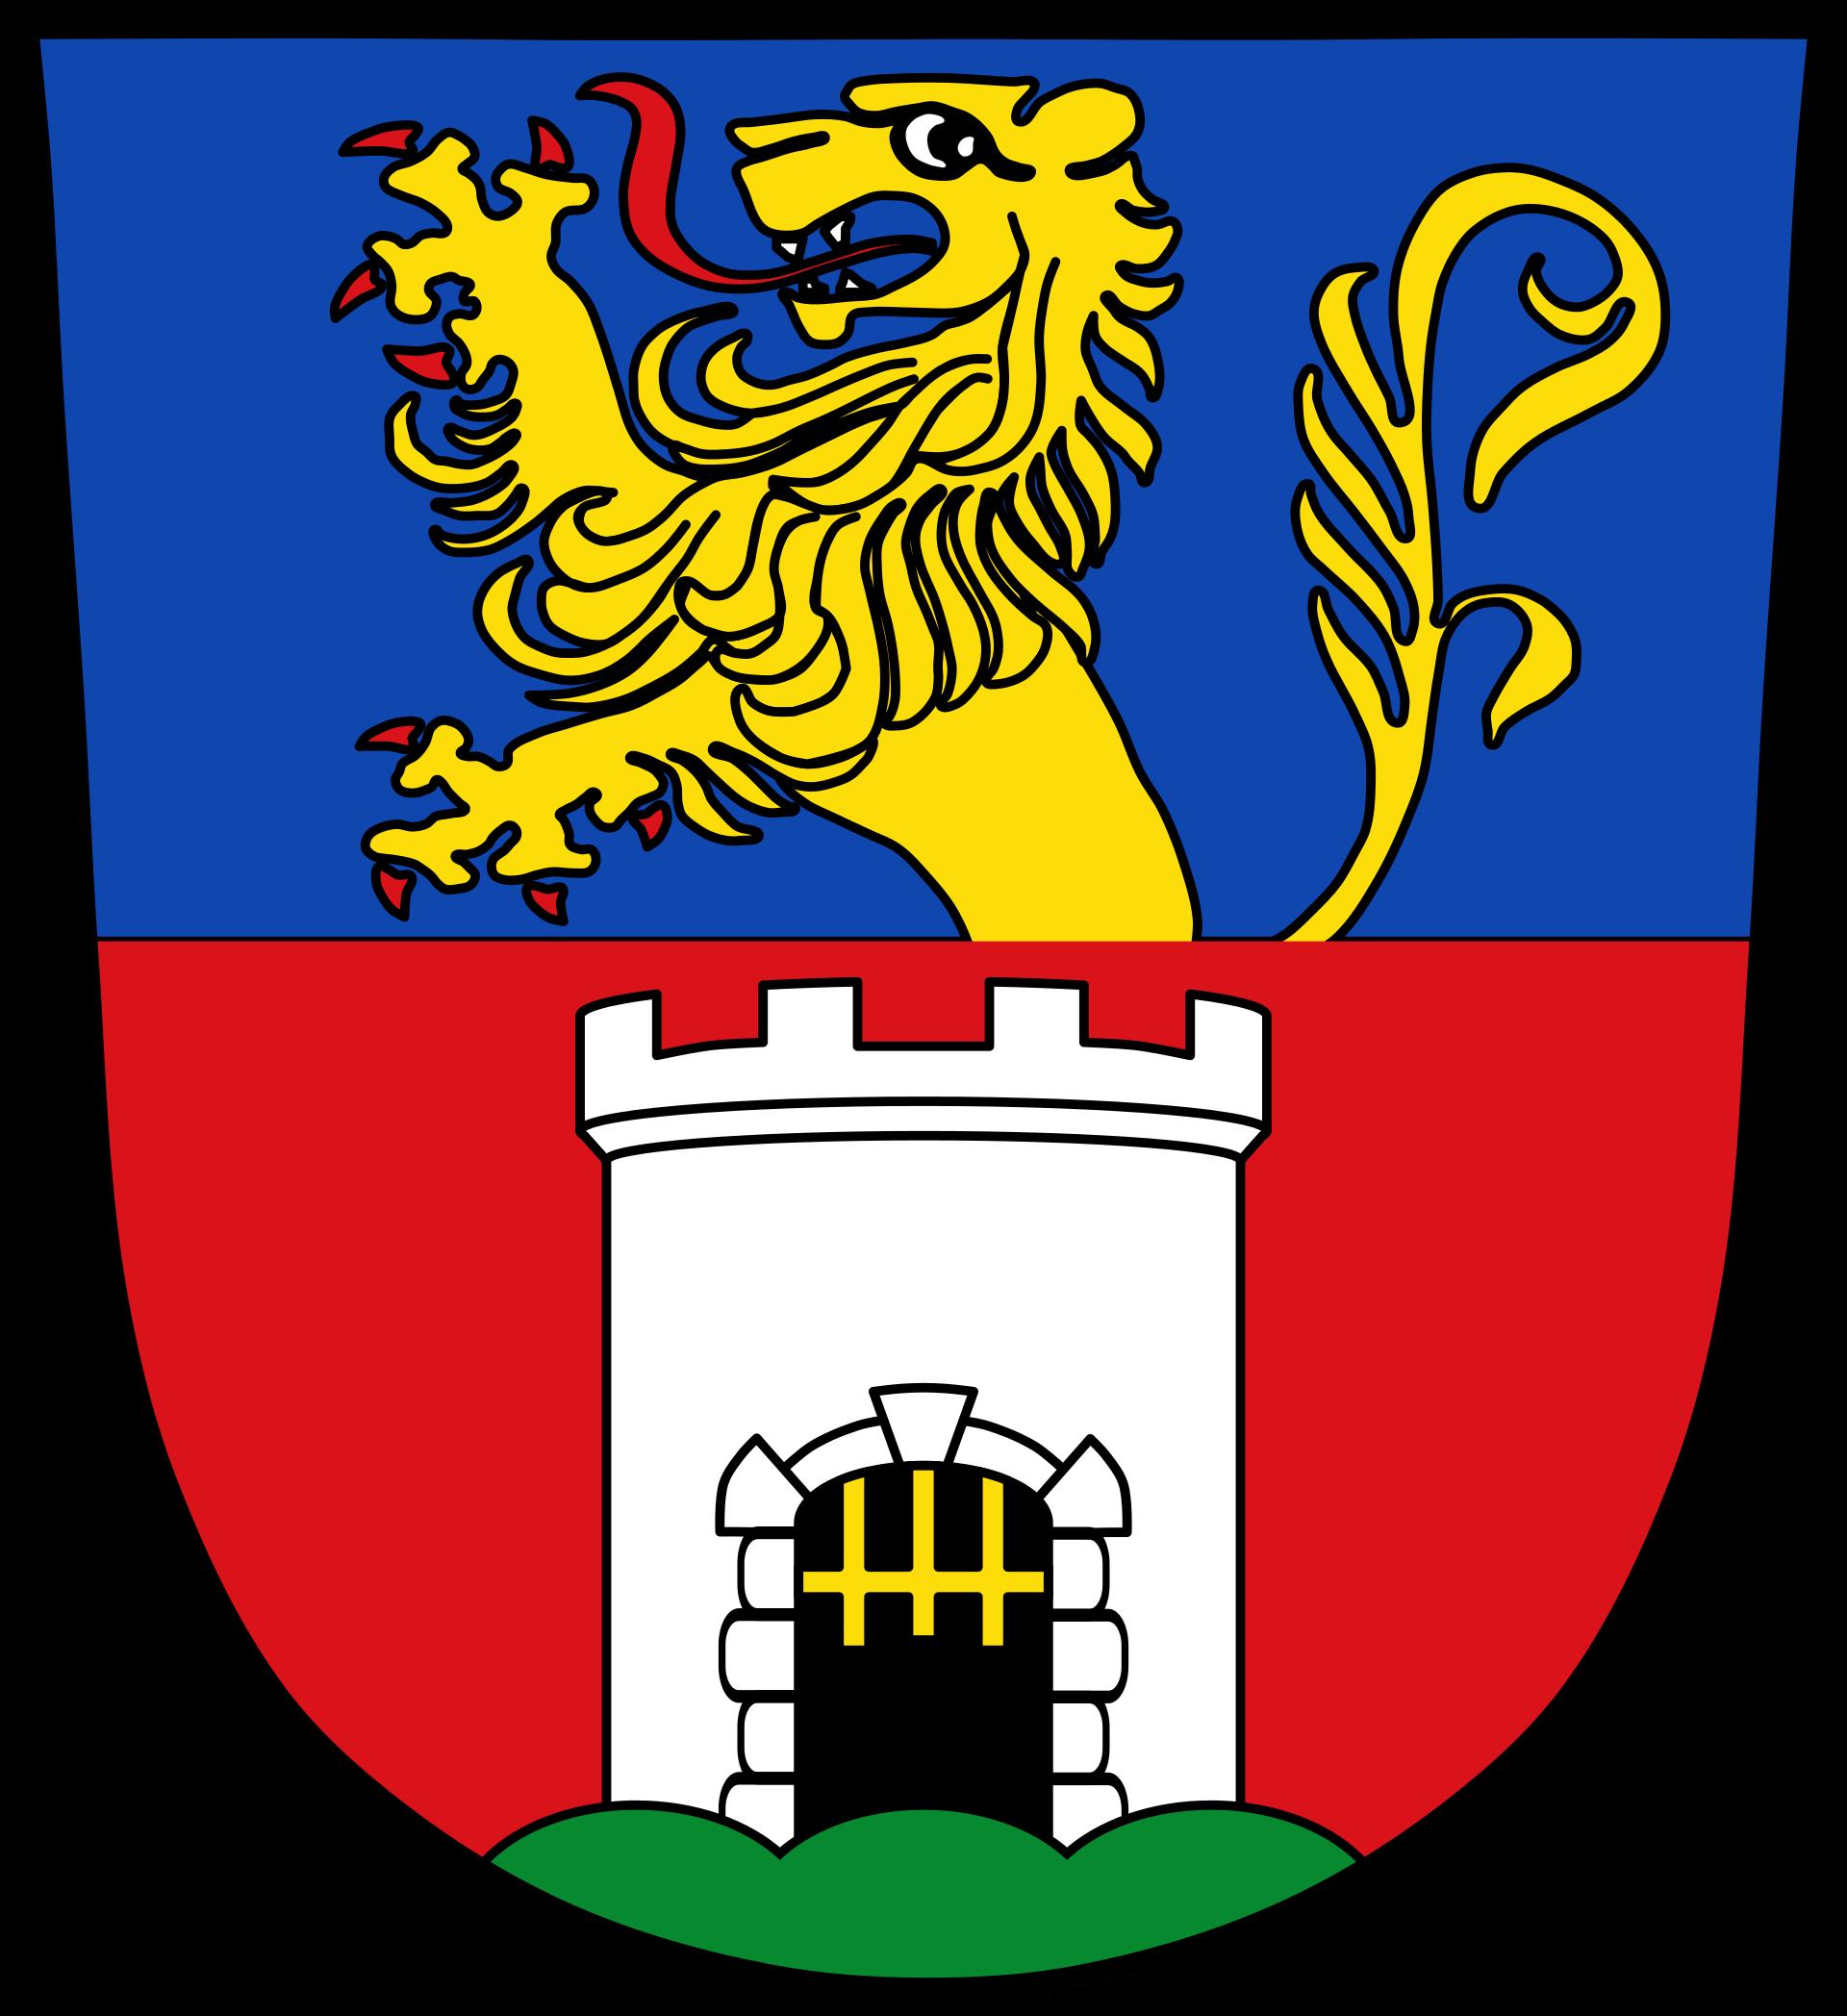 Liste der Baudenkmäler in Neuhaus an der Pegnitz.